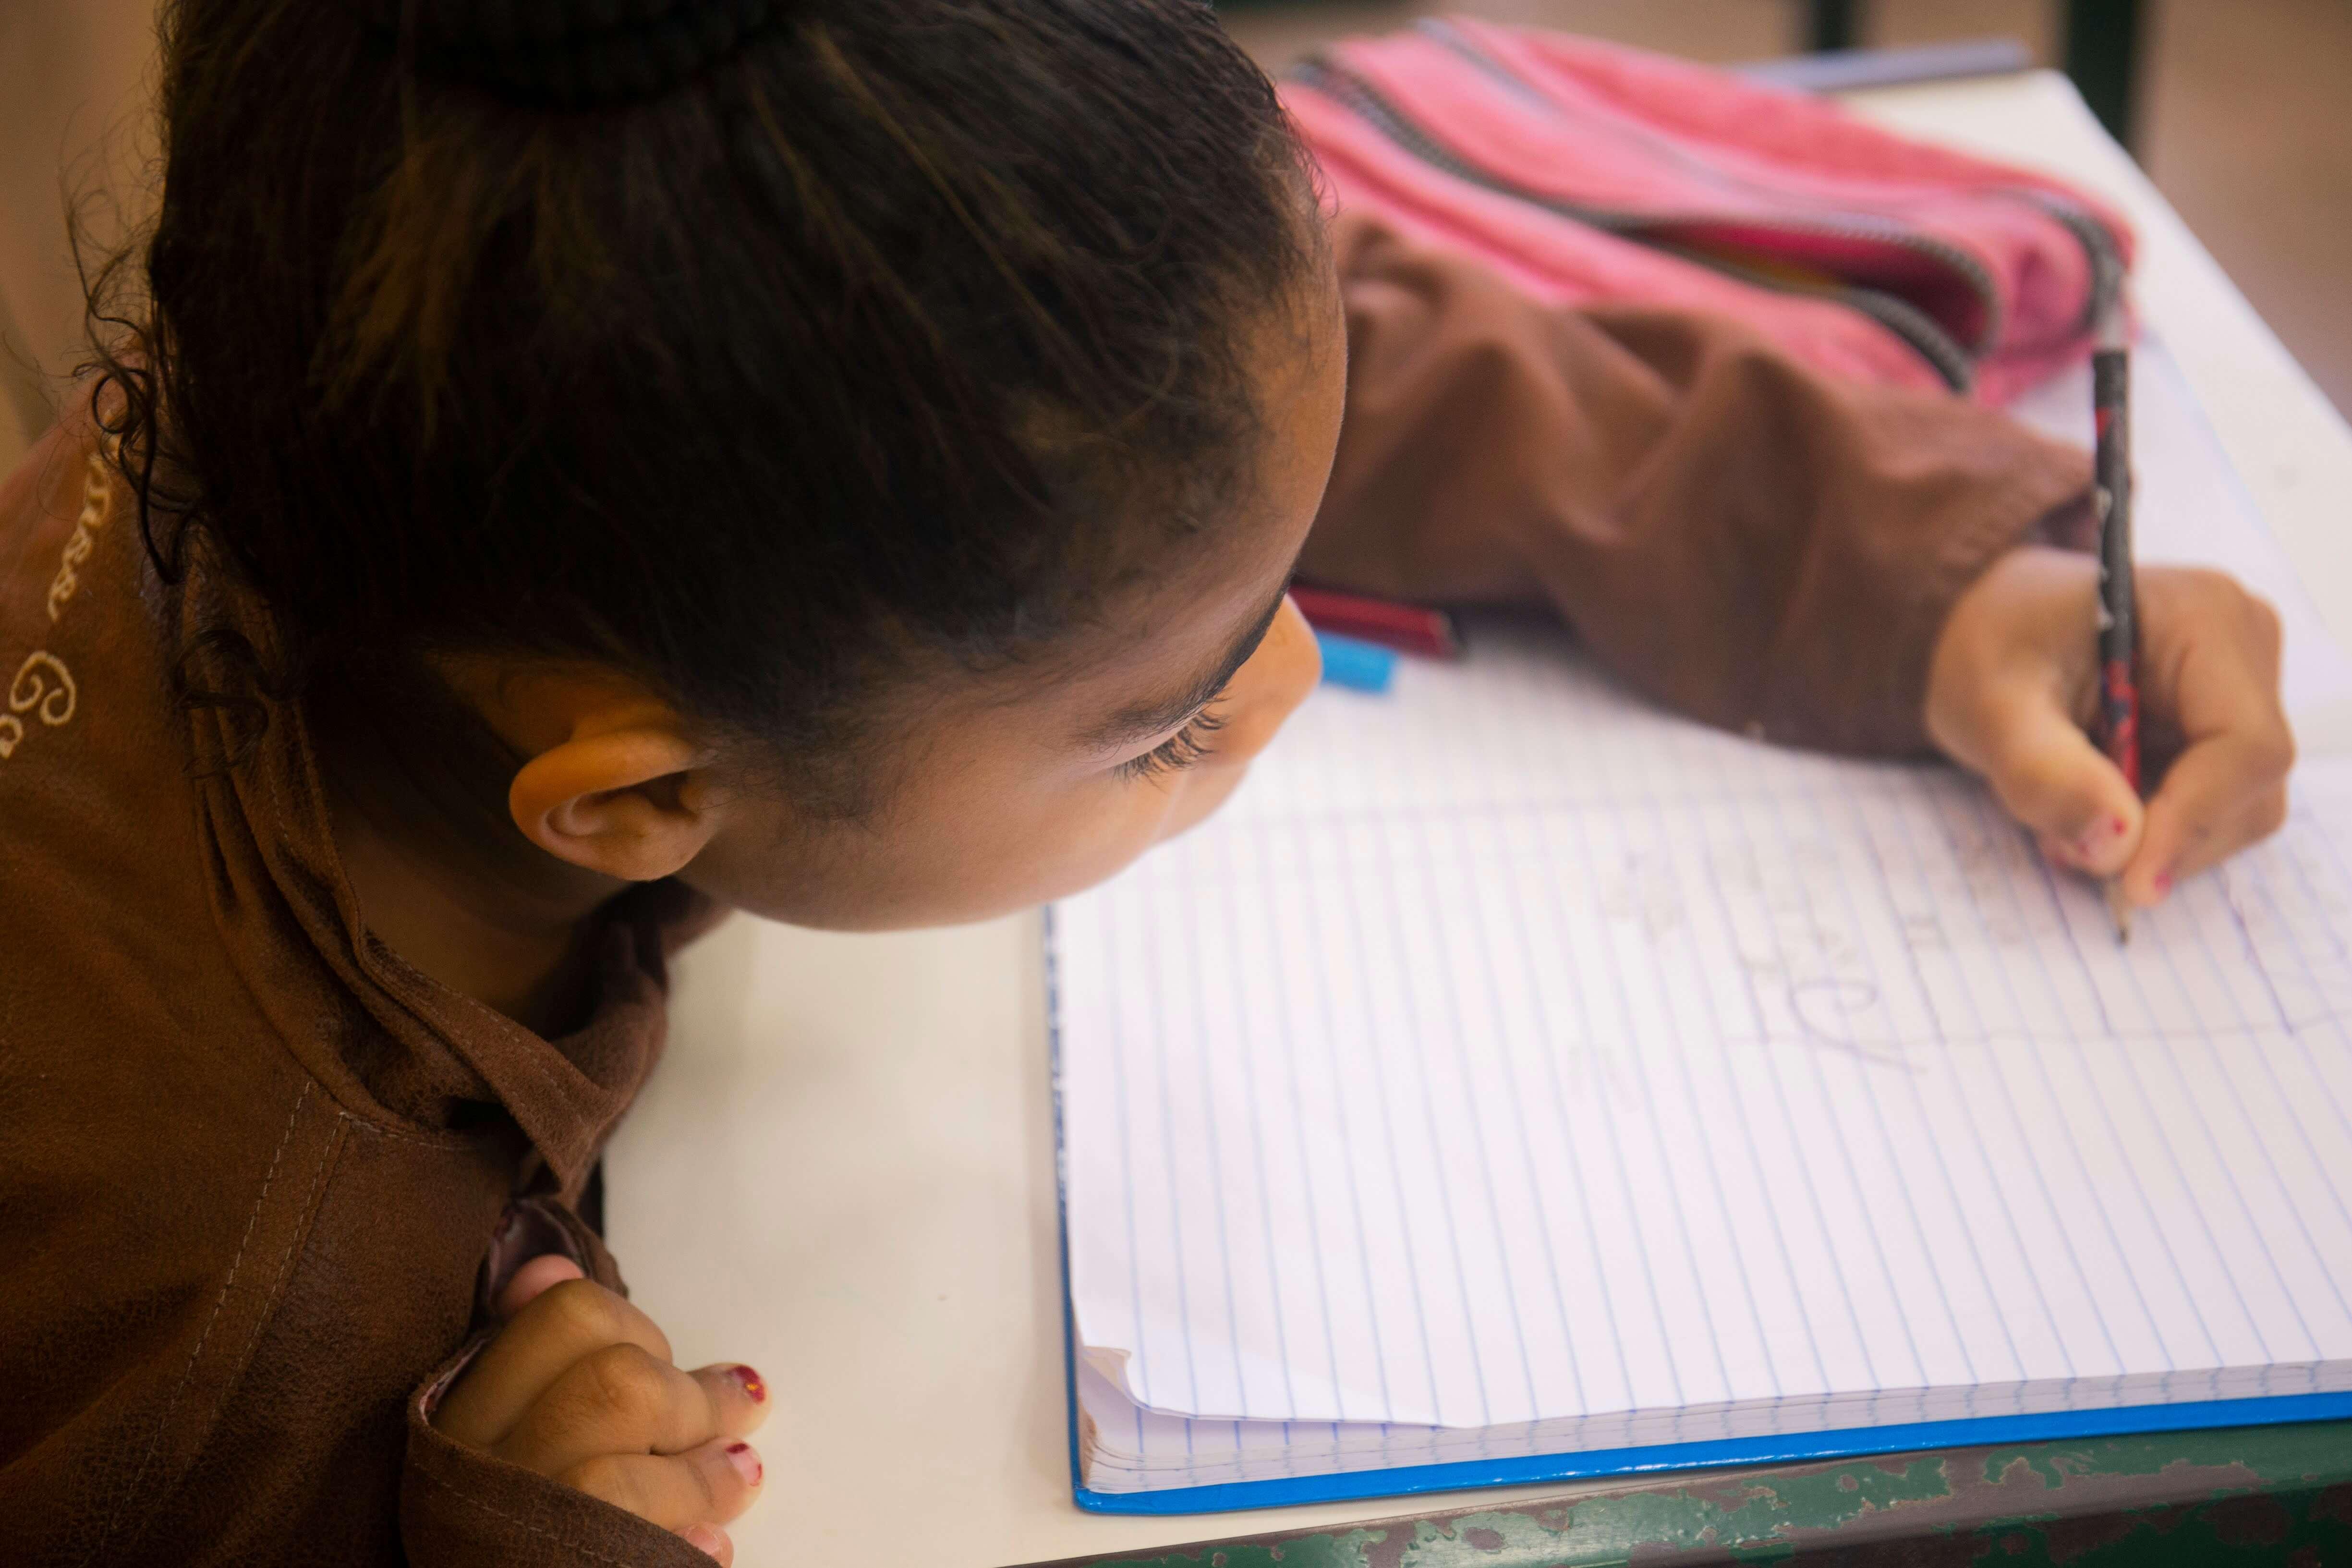 Vamos Aprender já reforça a educação de 12 milhões de alunos